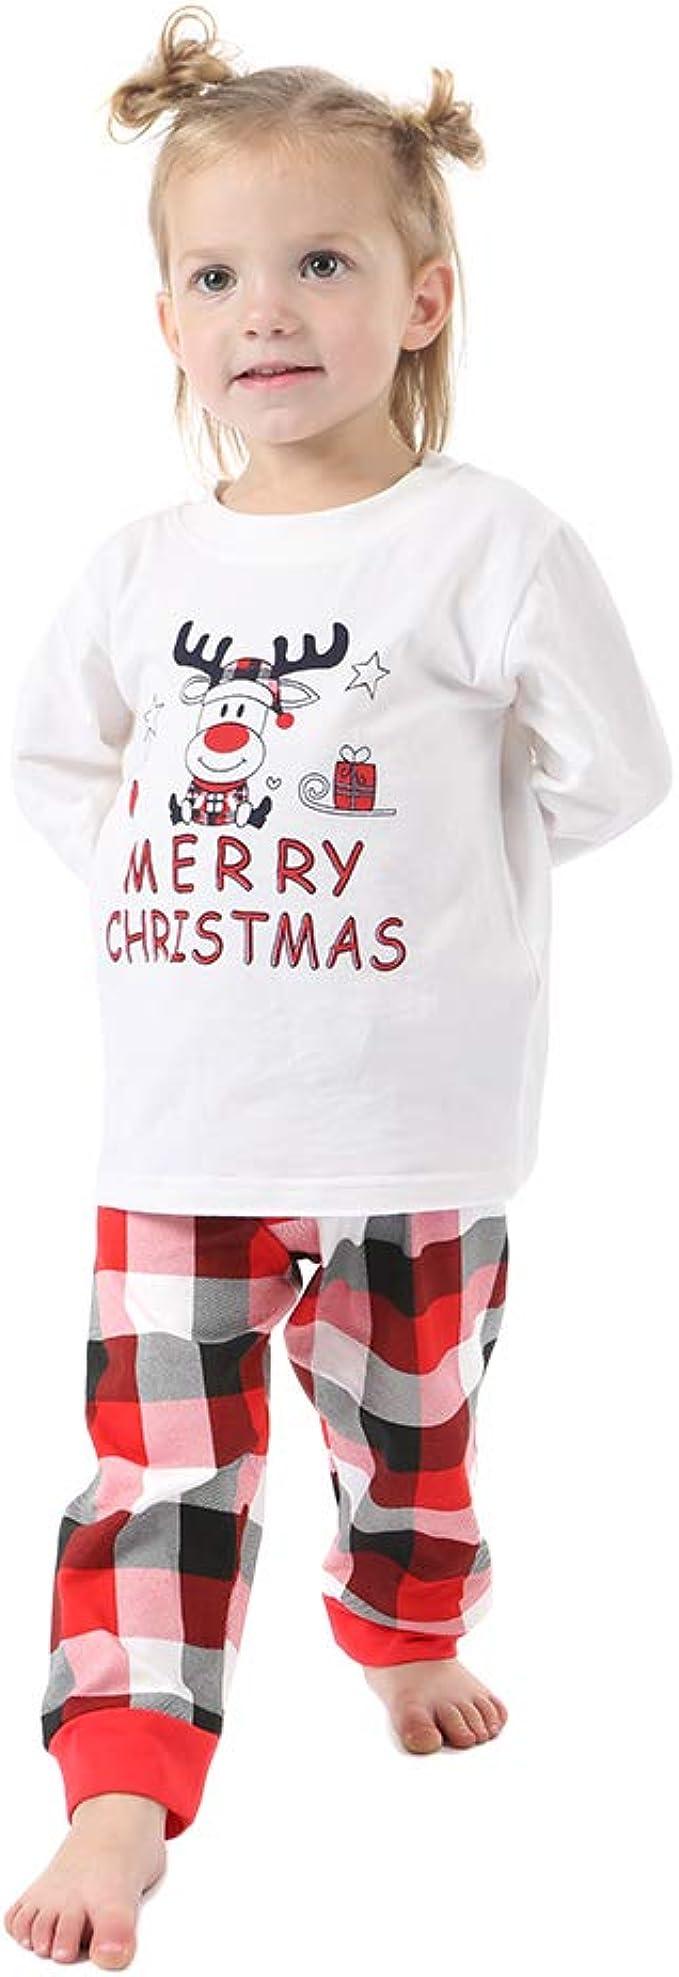 Weixinbuy Family Pajamas Christmas Santa Sleepwear Pjs Matching Clothes for Men Women Kids Toddler Baby Boys Girls